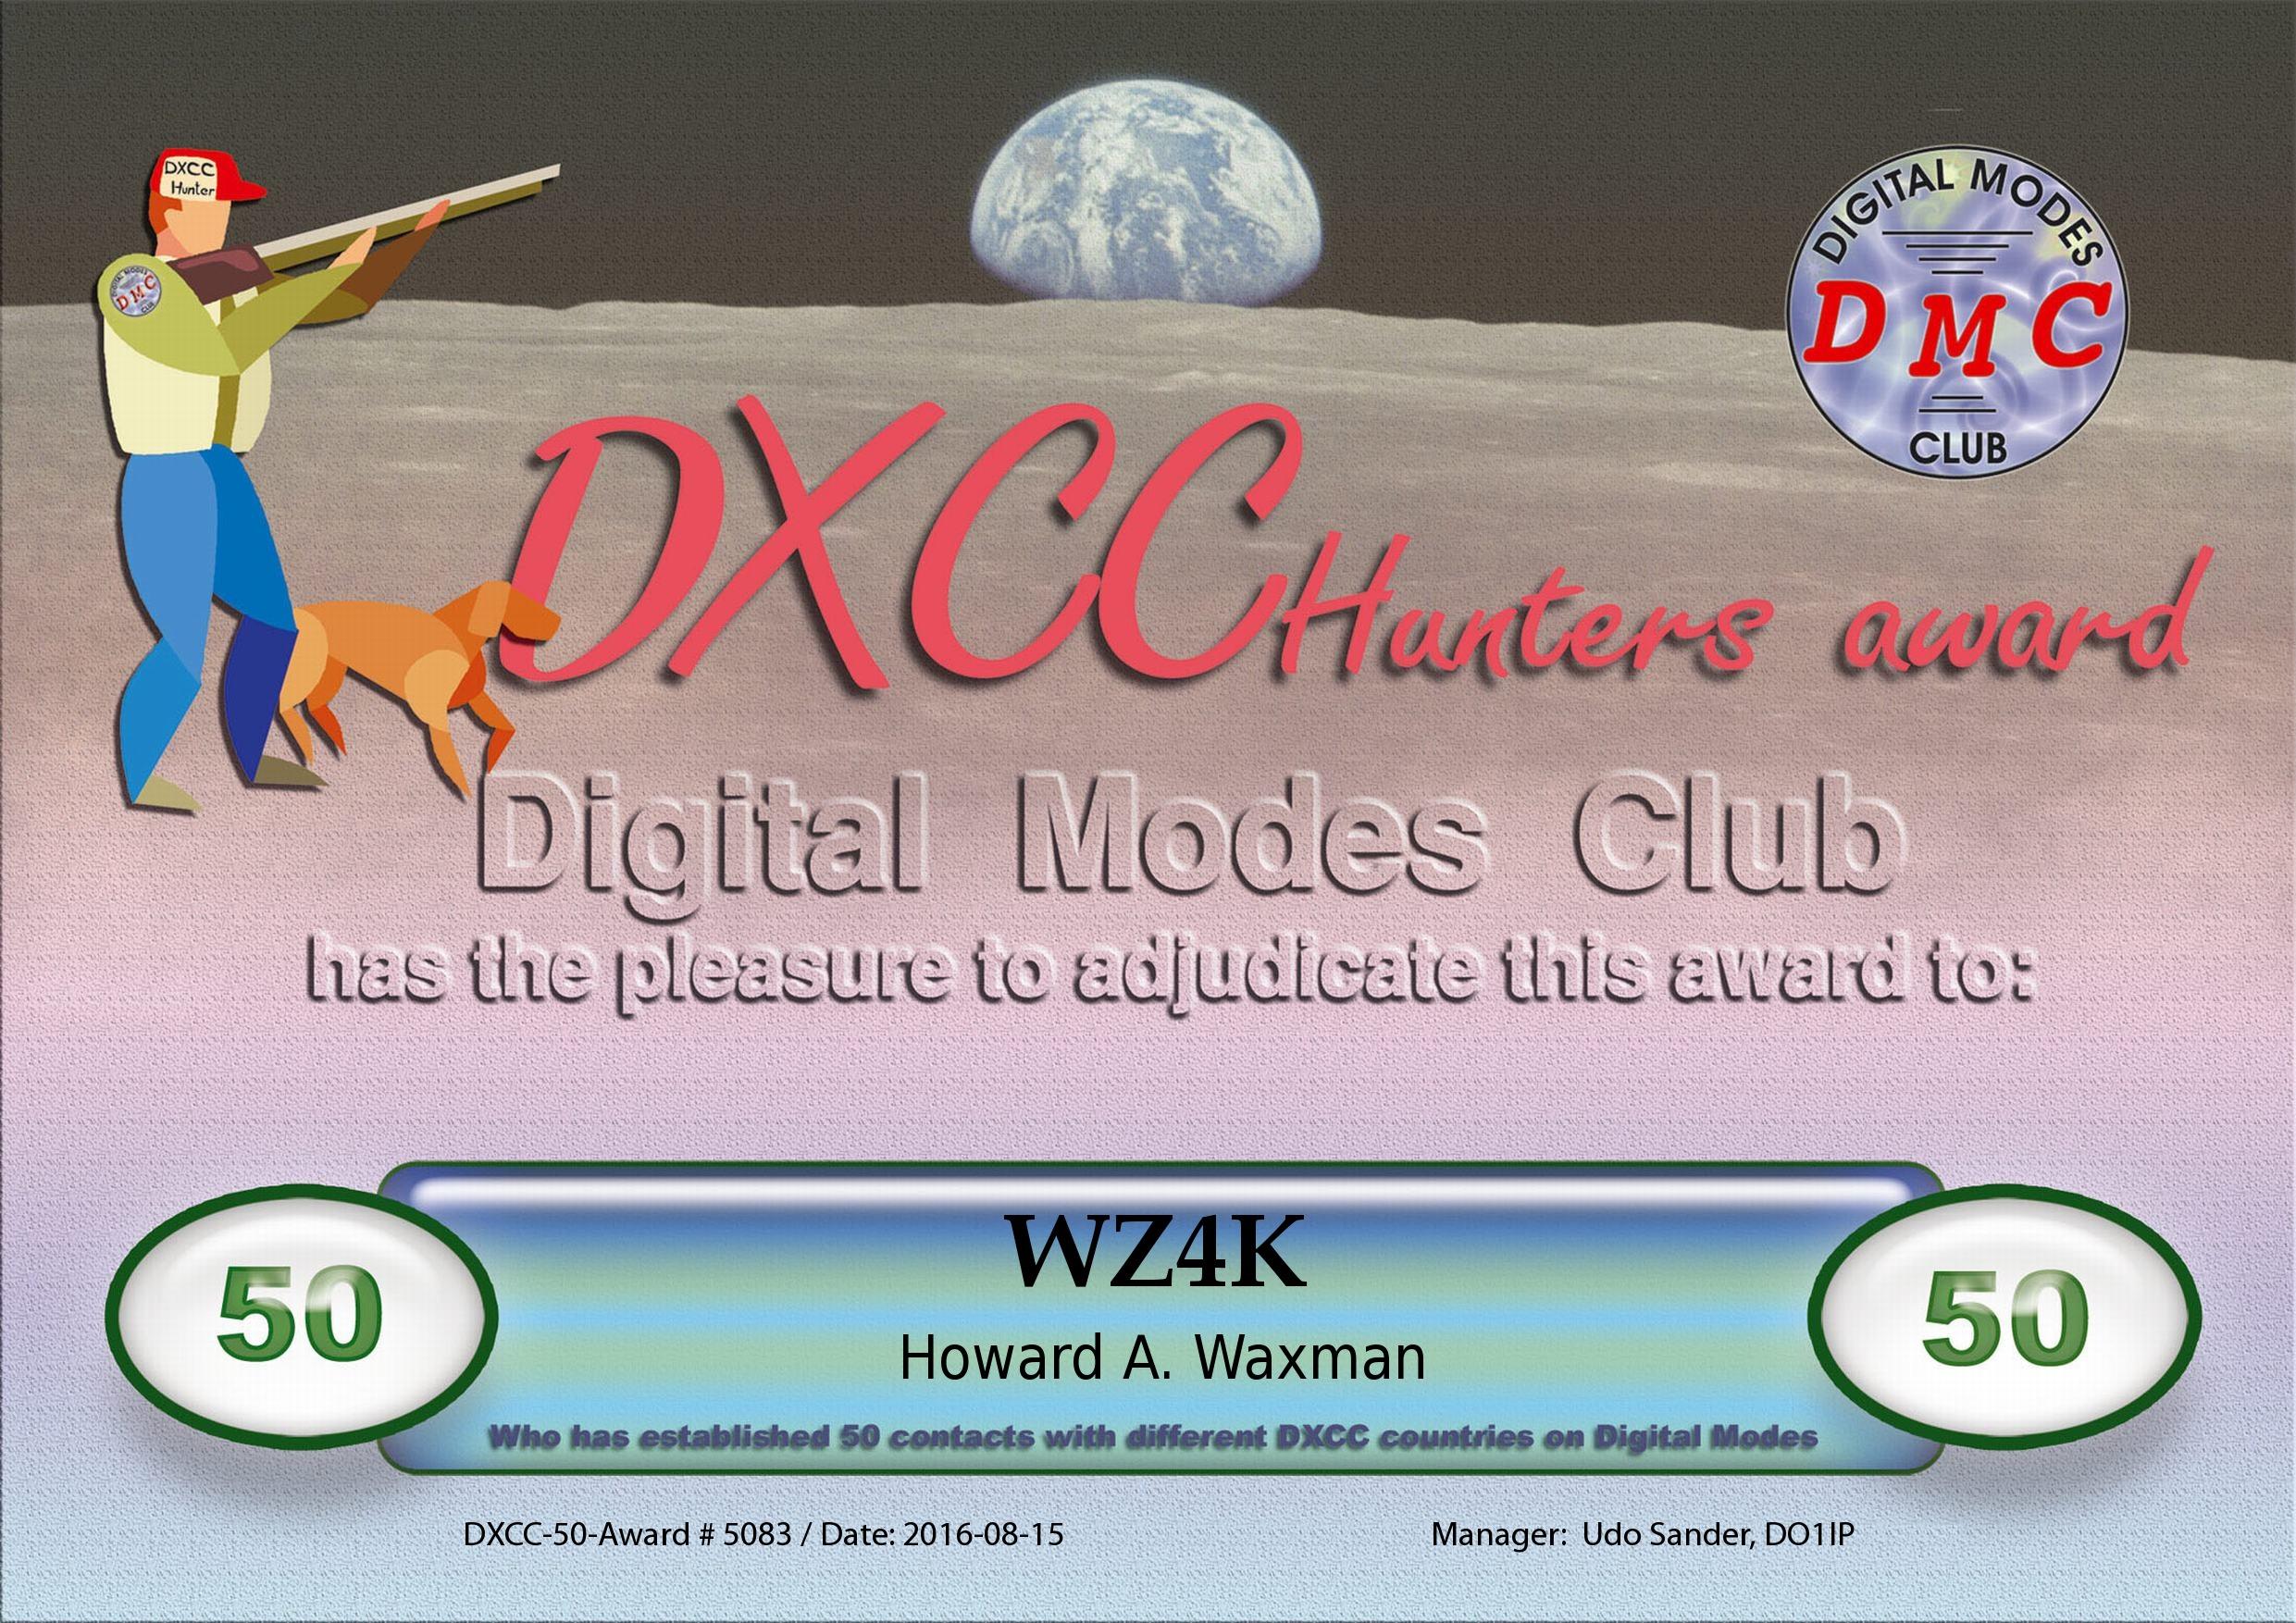 DXCC-50-5083-WZ4K